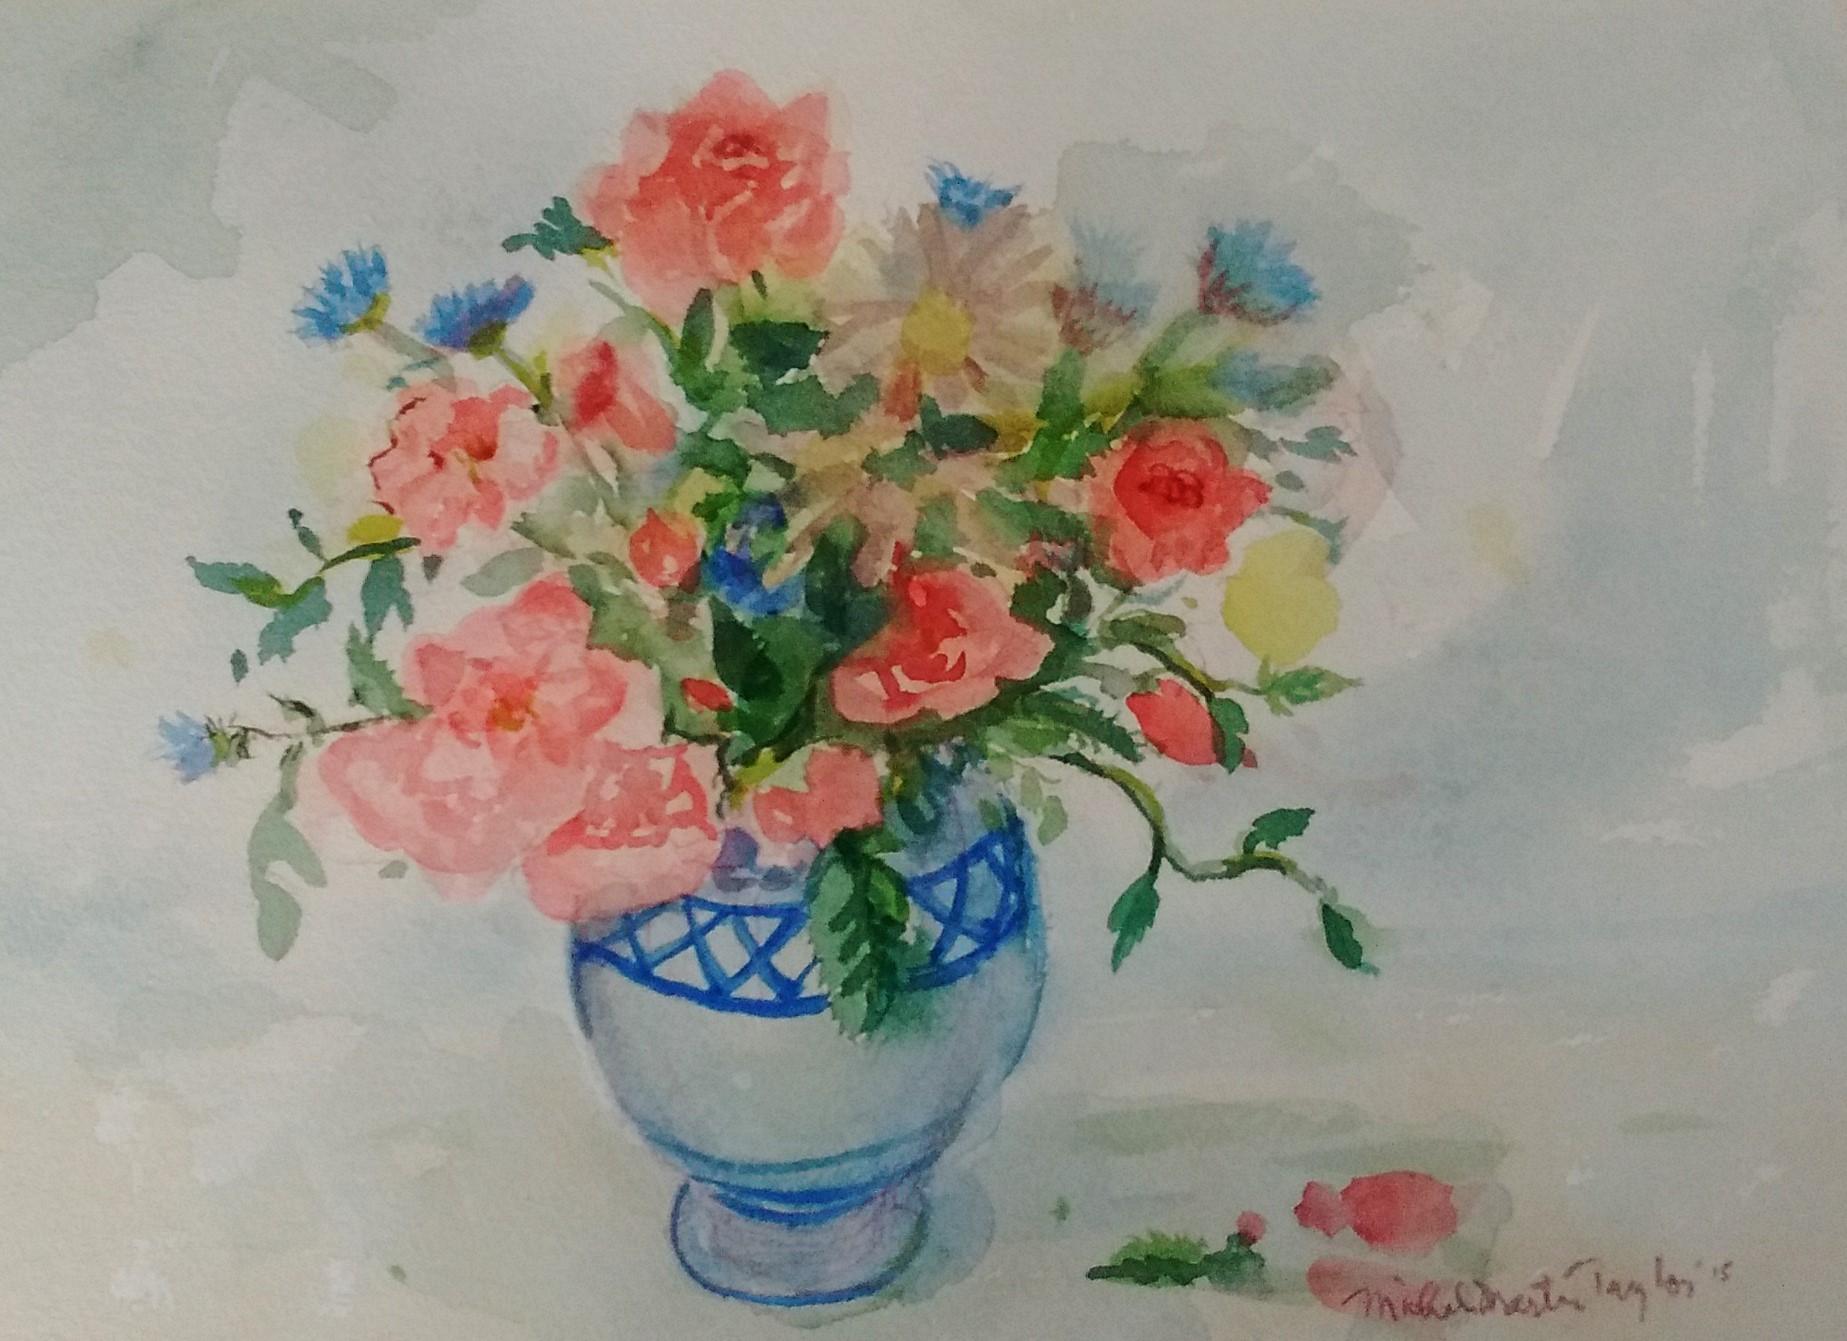 Taylor, Bouquet